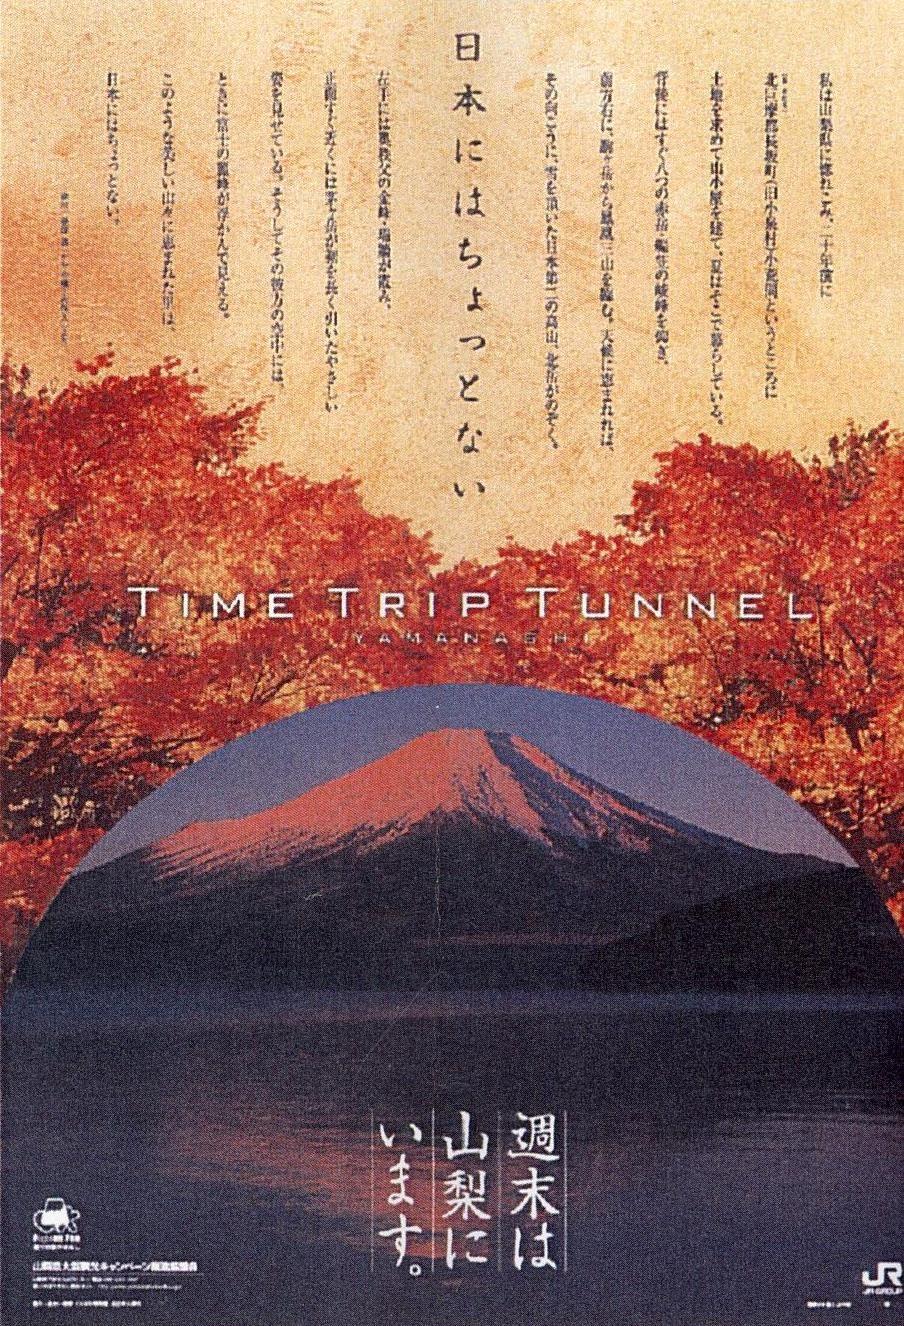 観光ポスター Google 検索 観光 パンフレット ポスター チラシ